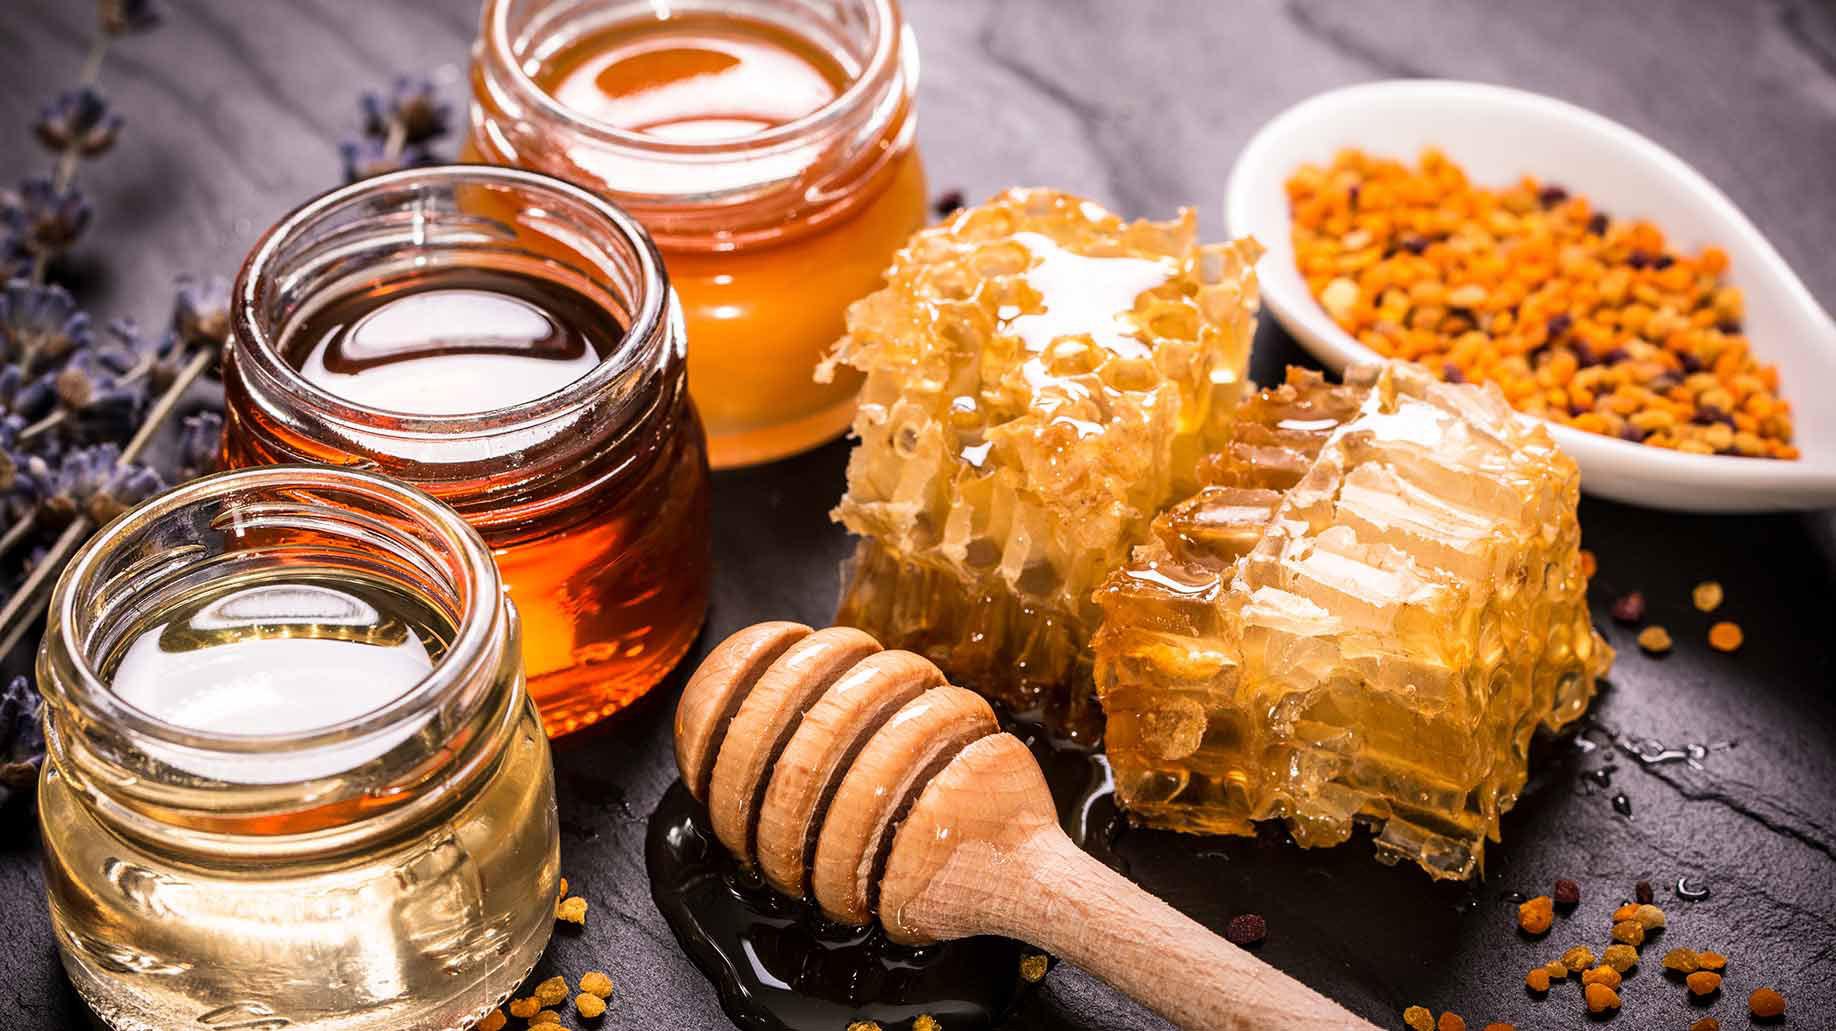 مصرف به اندازه عسل در طول روز به هضم و جذب بیشتر غذا کمک میکند.